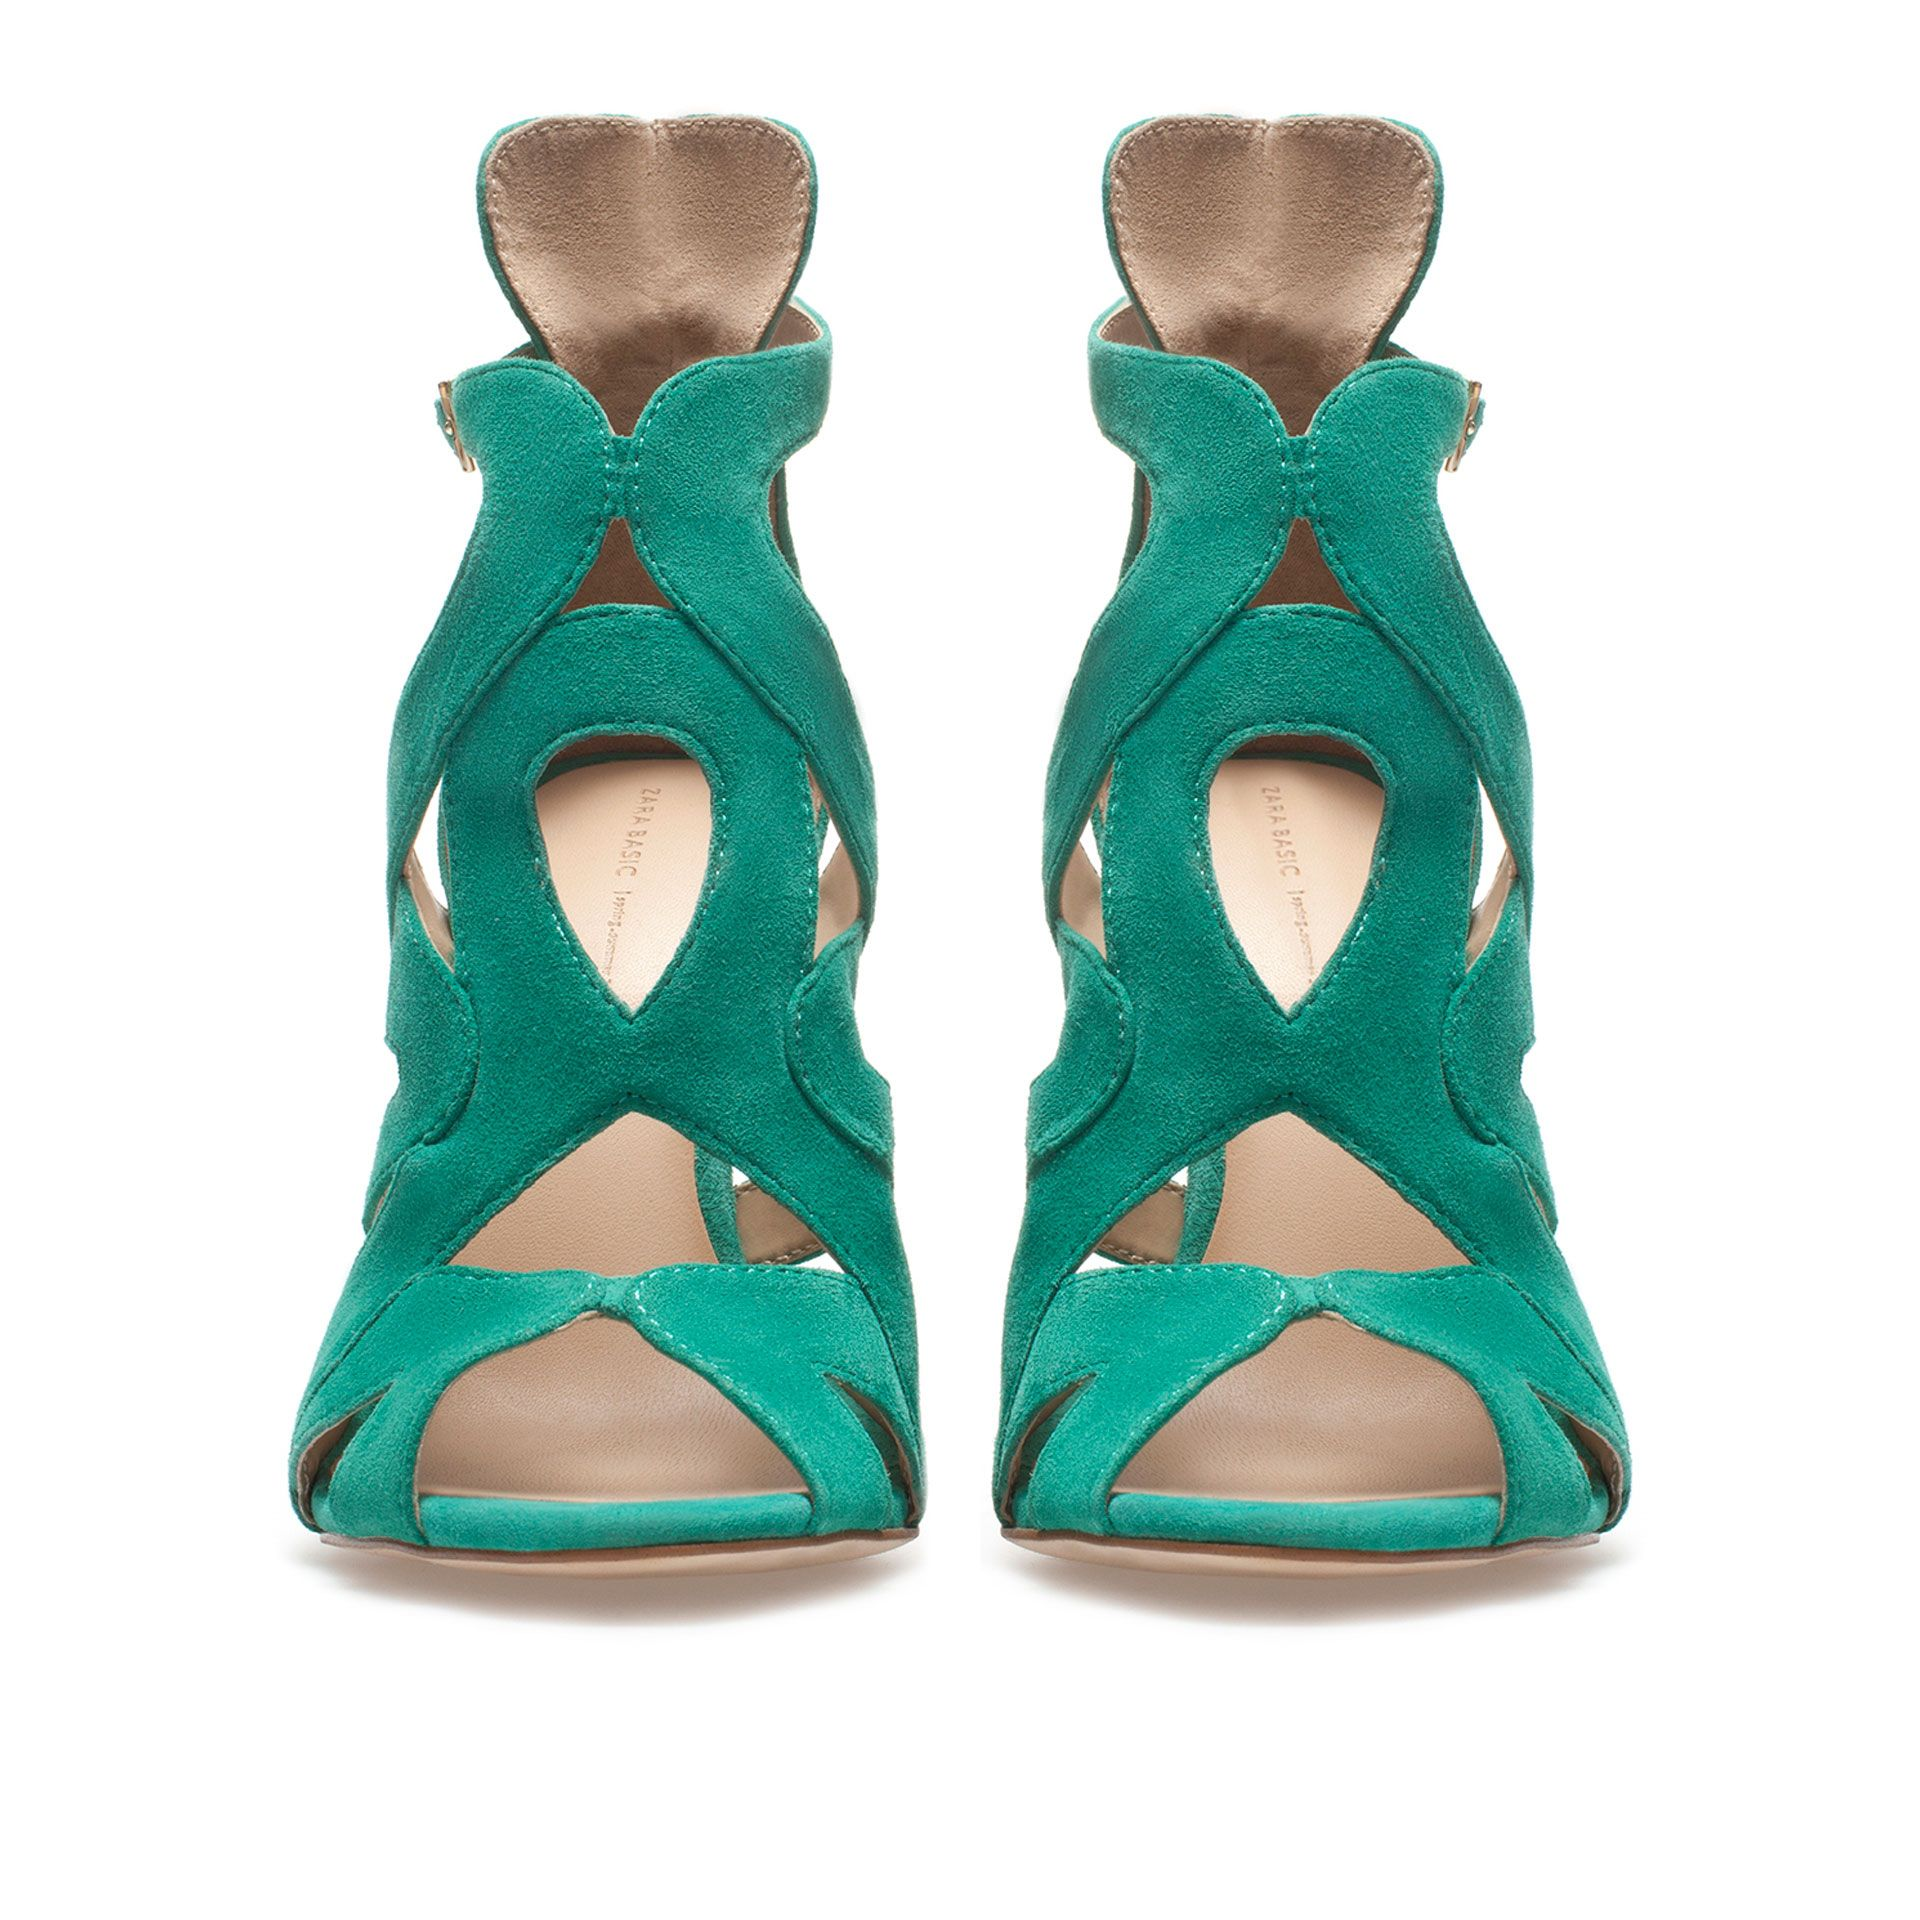 SANDALE À TALON ET LANIÈRES - Chaussures - Femme | ZARA France. Dépression et Shopping:-)